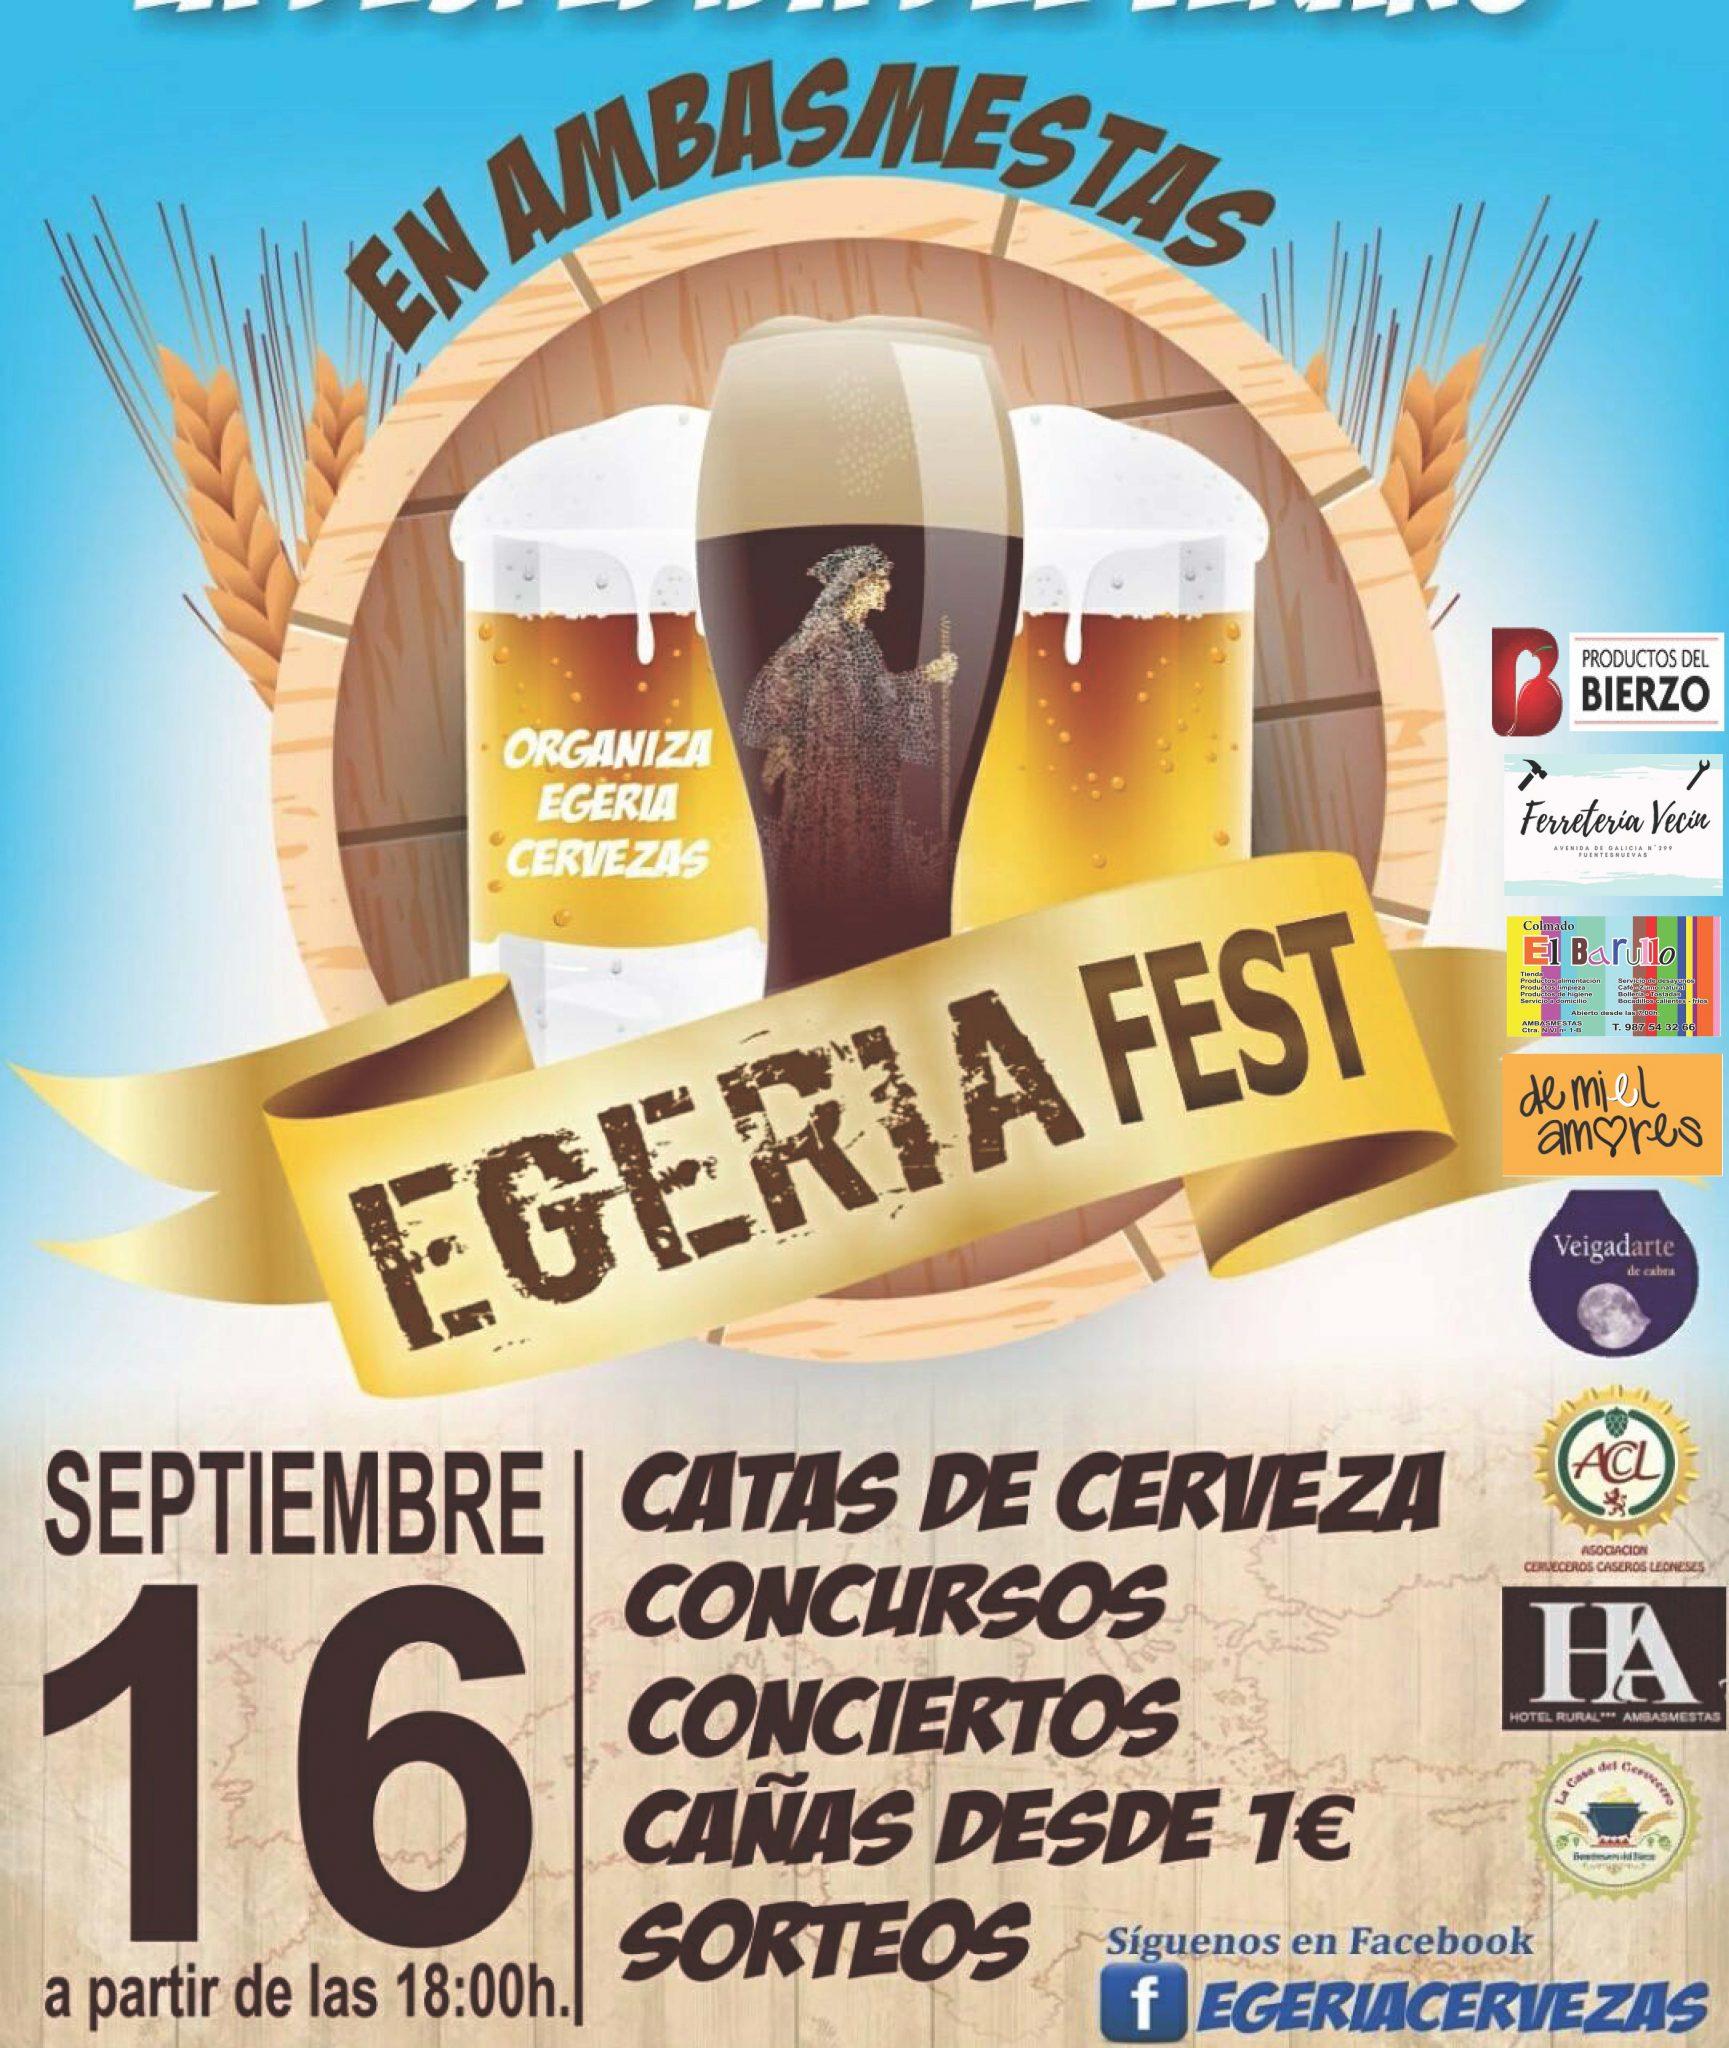 Despide el verano en el 1er 'Egeria Festival' en Ambasmestas. Sábado 16 de septiembre 3